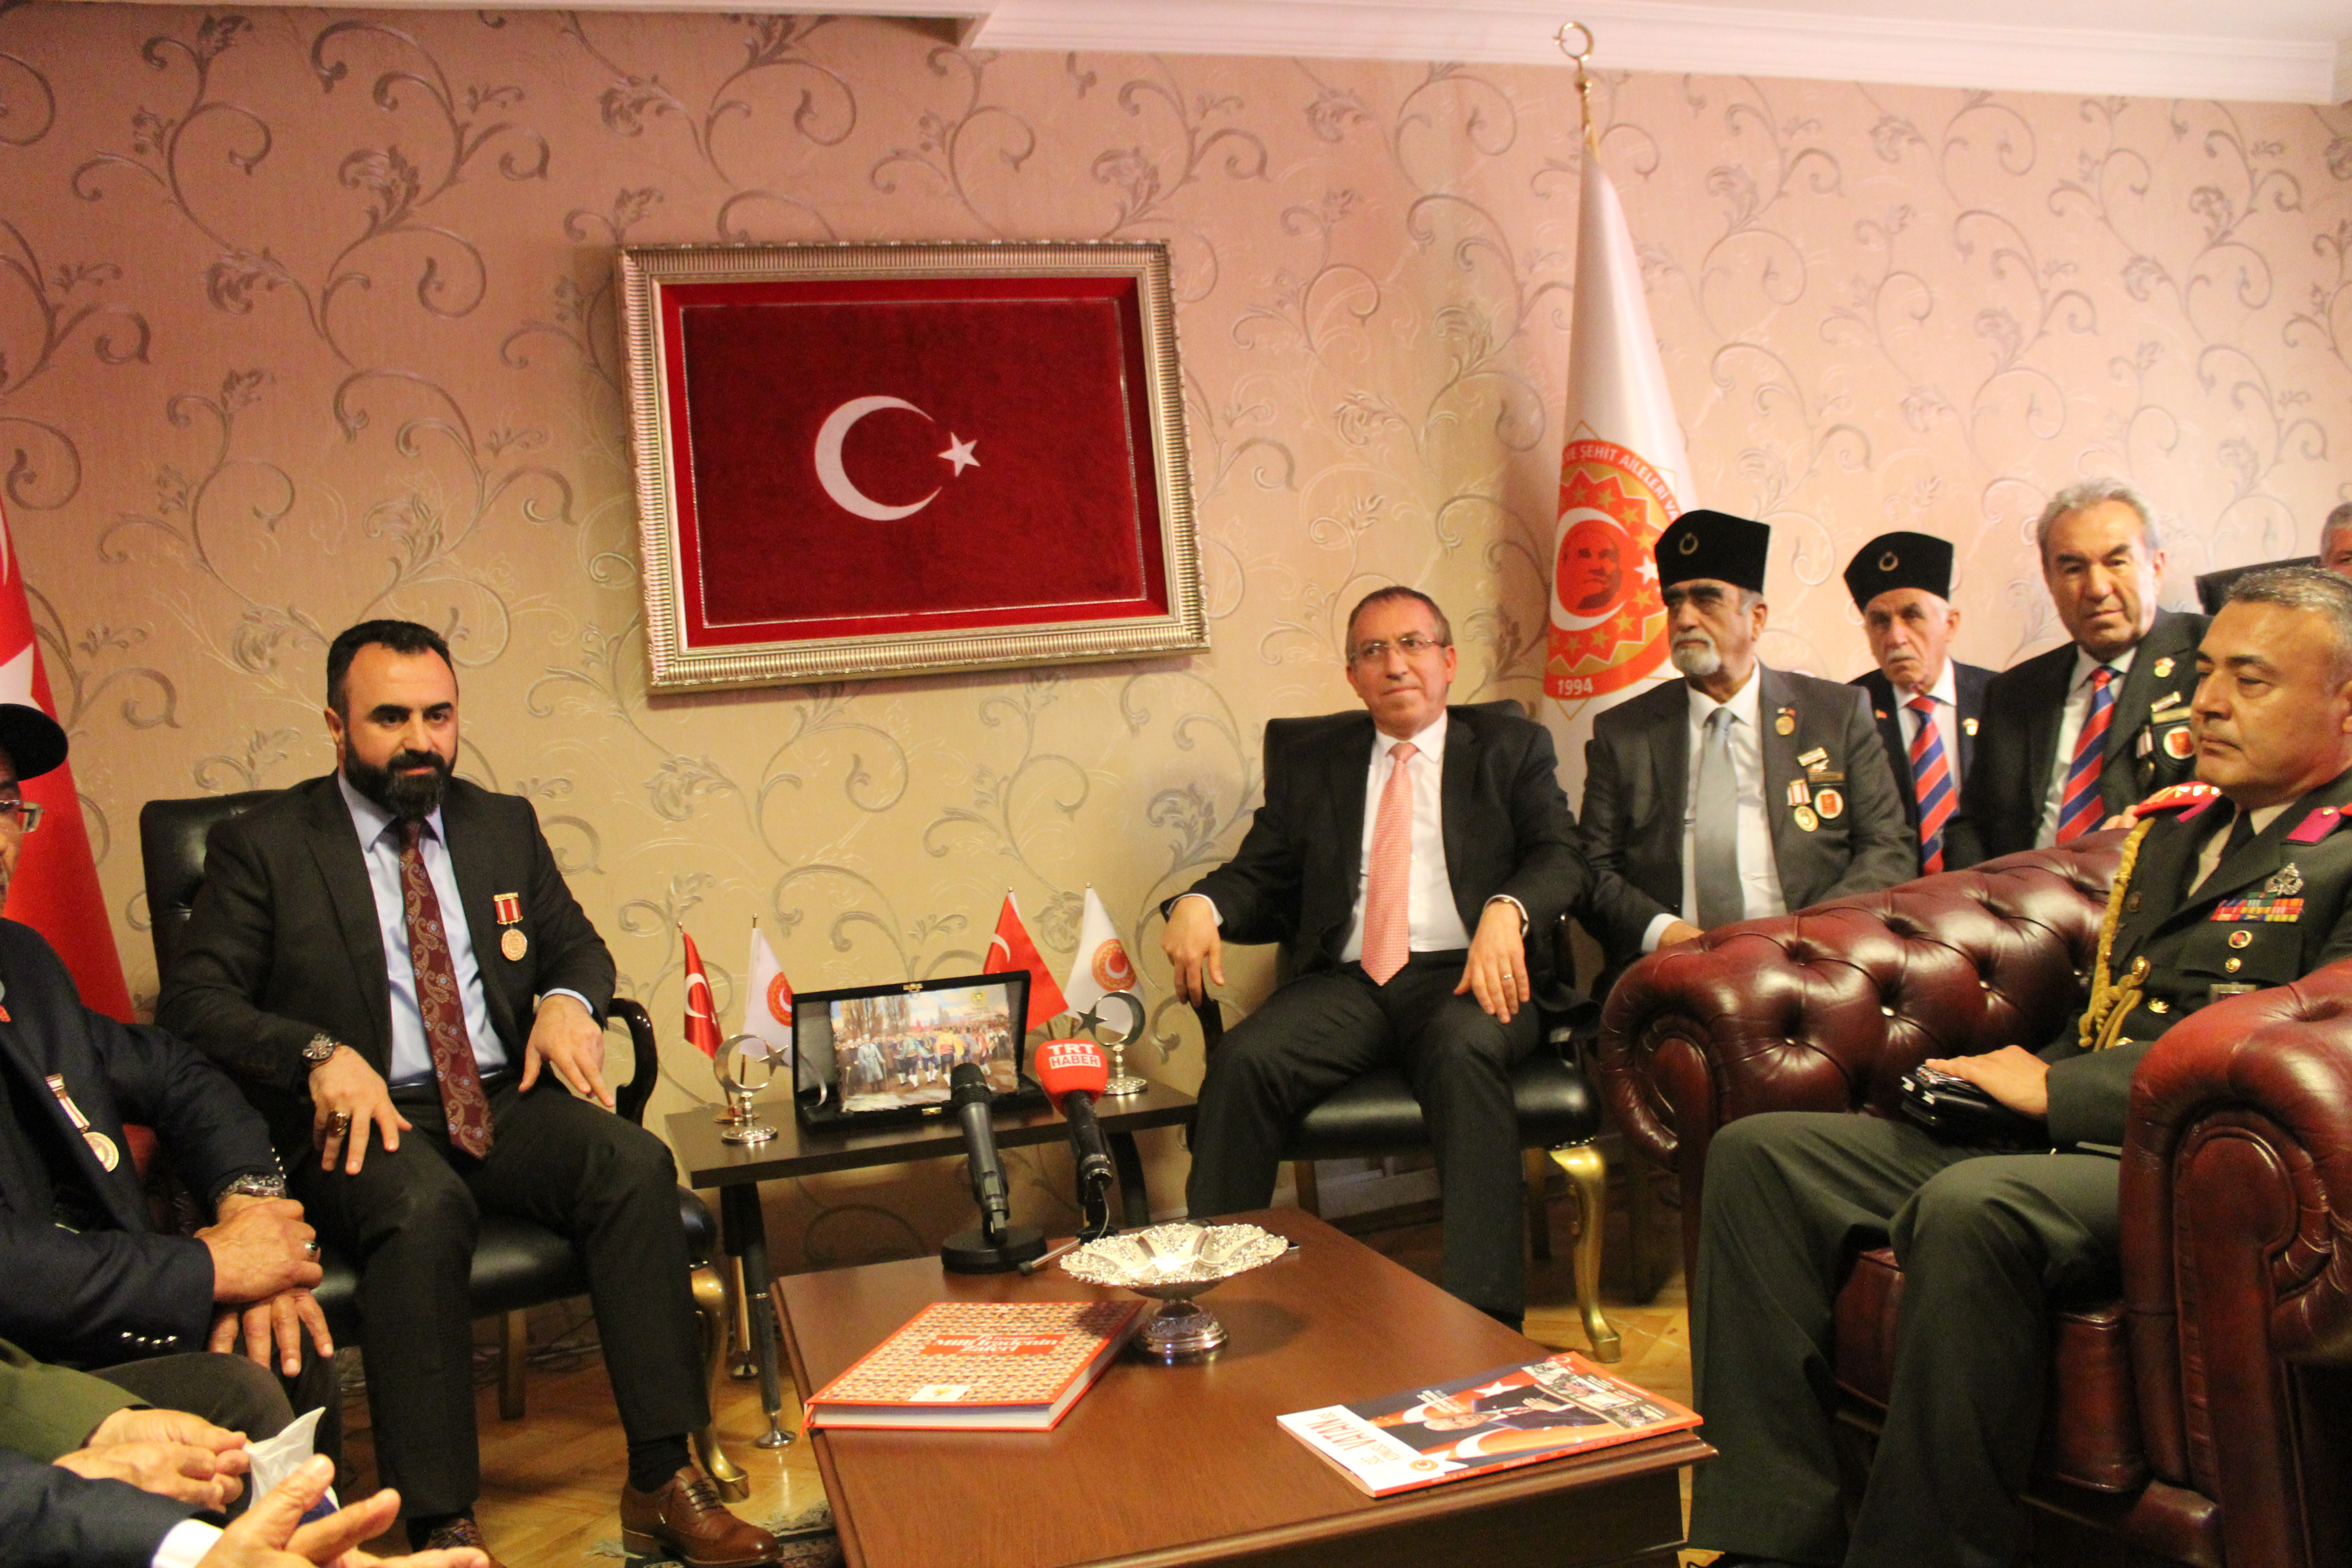 Kıbrıs Barış Harekatının 45. Yılında Madalya Alan Gazilerimiz ile Kıbrıs Büyükelçisi Sn. Kemal KÖPRÜLÜ'ye Teşekkür